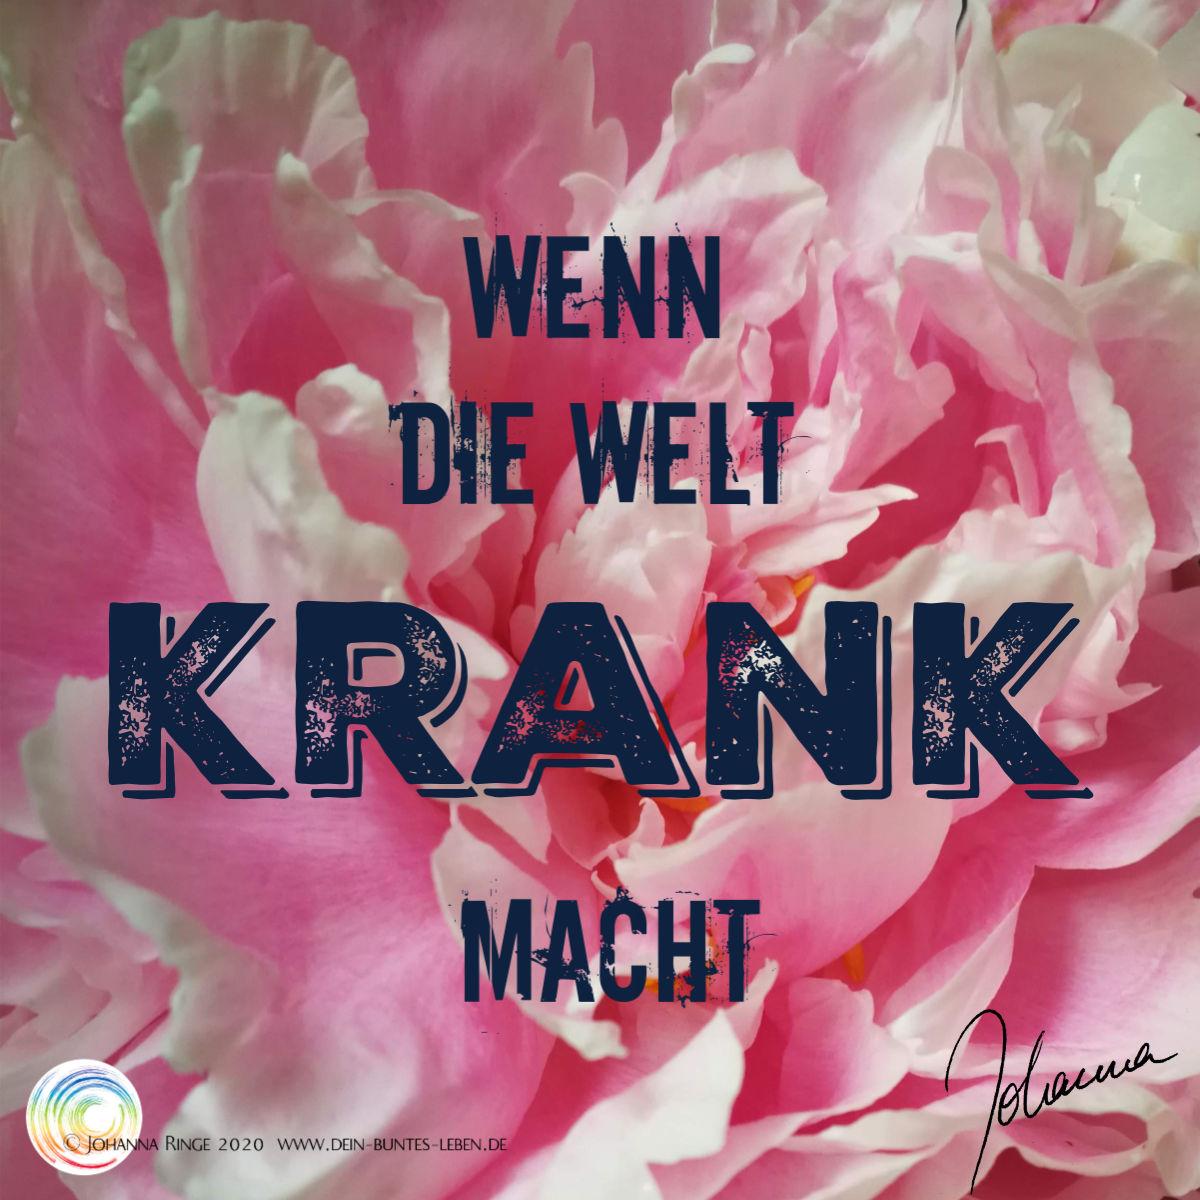 Wenn die Welt krank macht (Text vor Päonienblüte) ©Johanna Ringe 2020 www.dein-buntes-leben.de